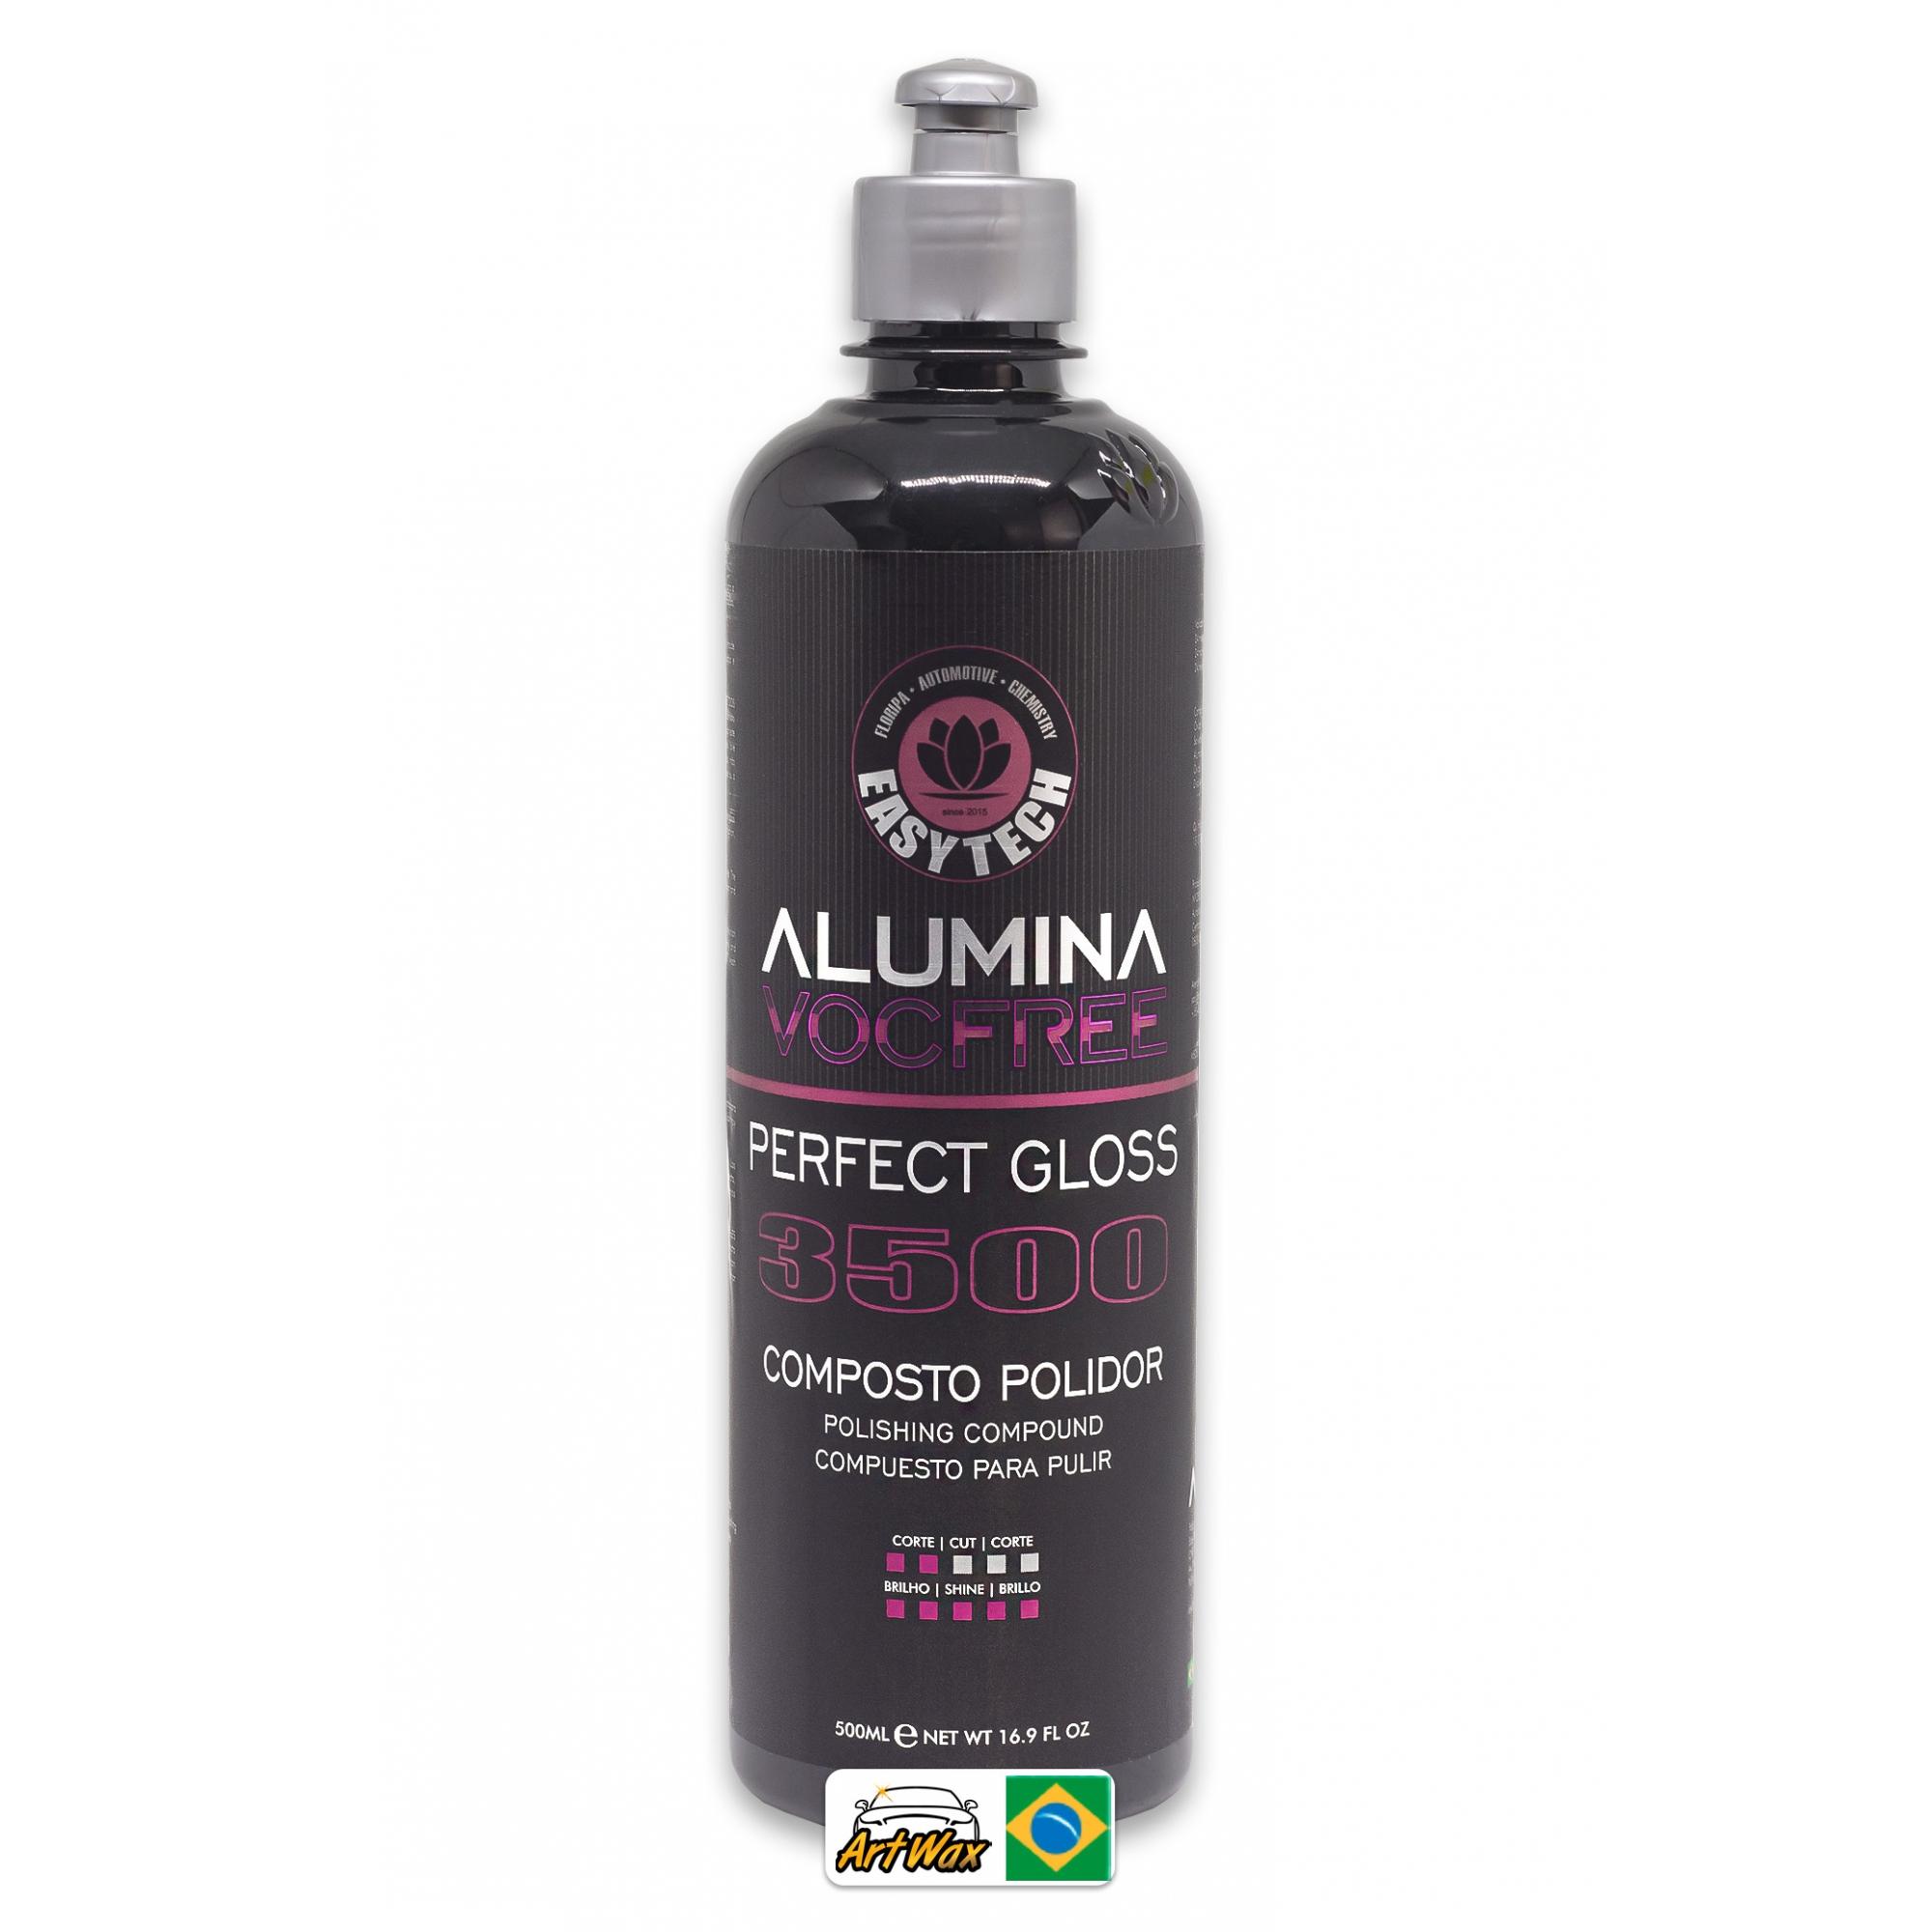 Easytech Alumina 3500 Perfect Gloss 500ml - Composto Polidor Lustro